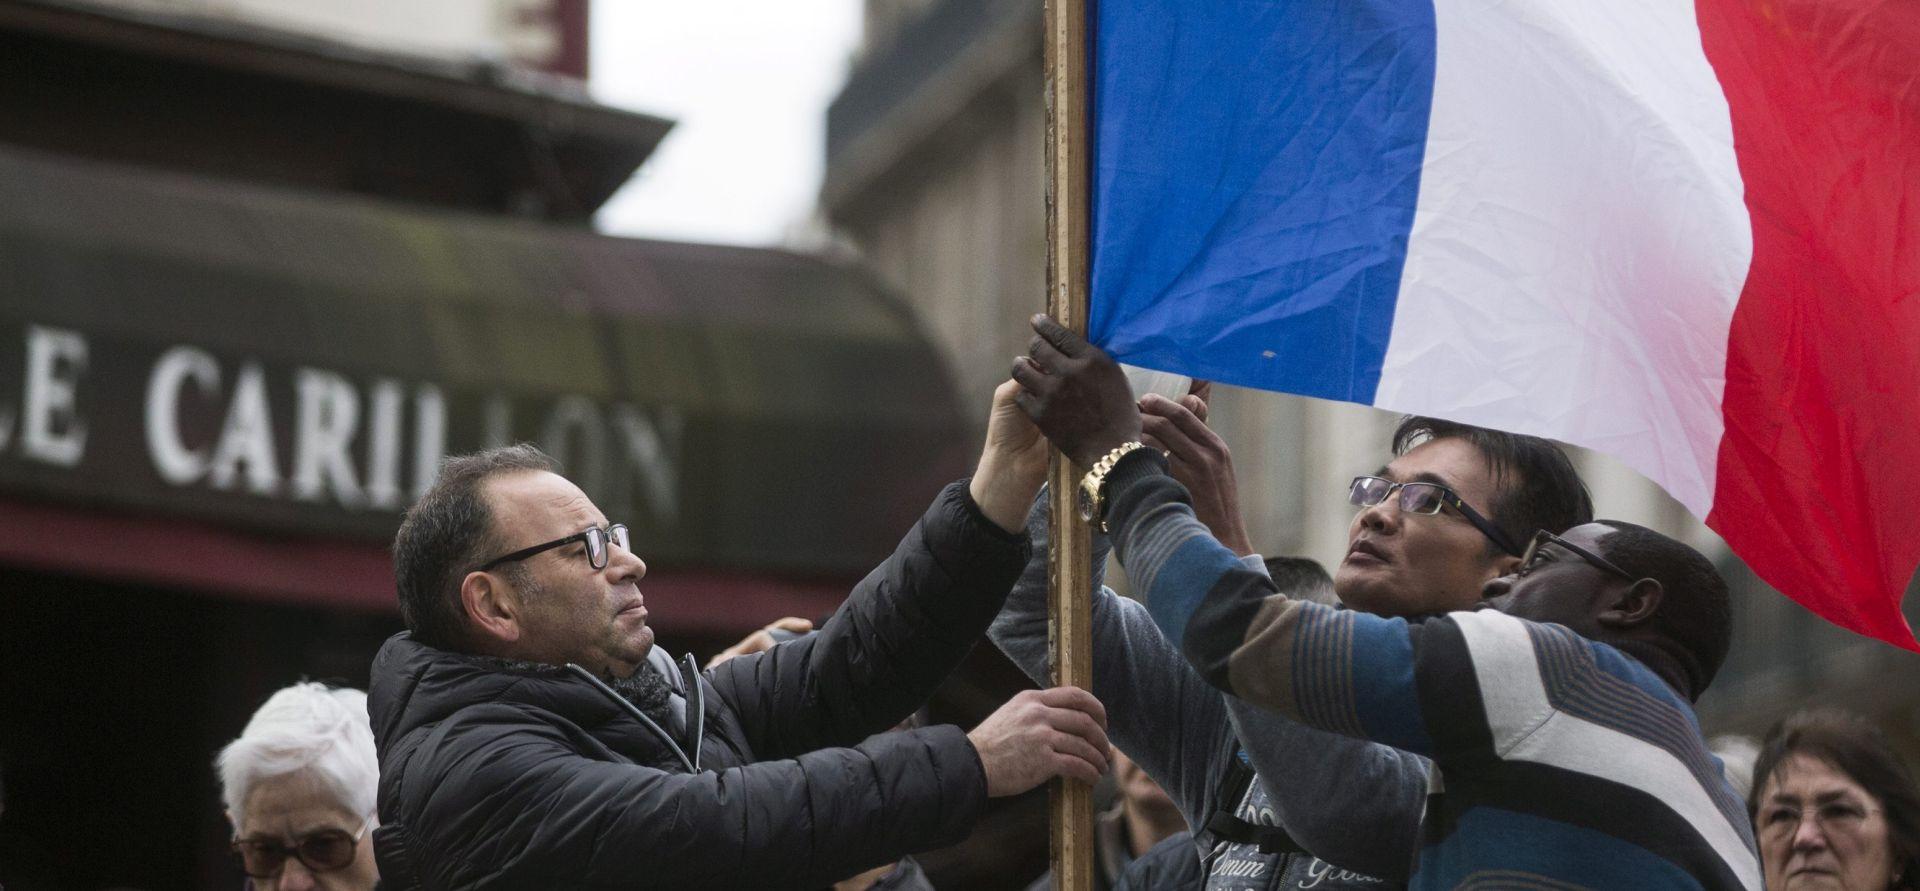 Francuska i Europa minutom šutnje odala počast žrtvama napada u Parizu